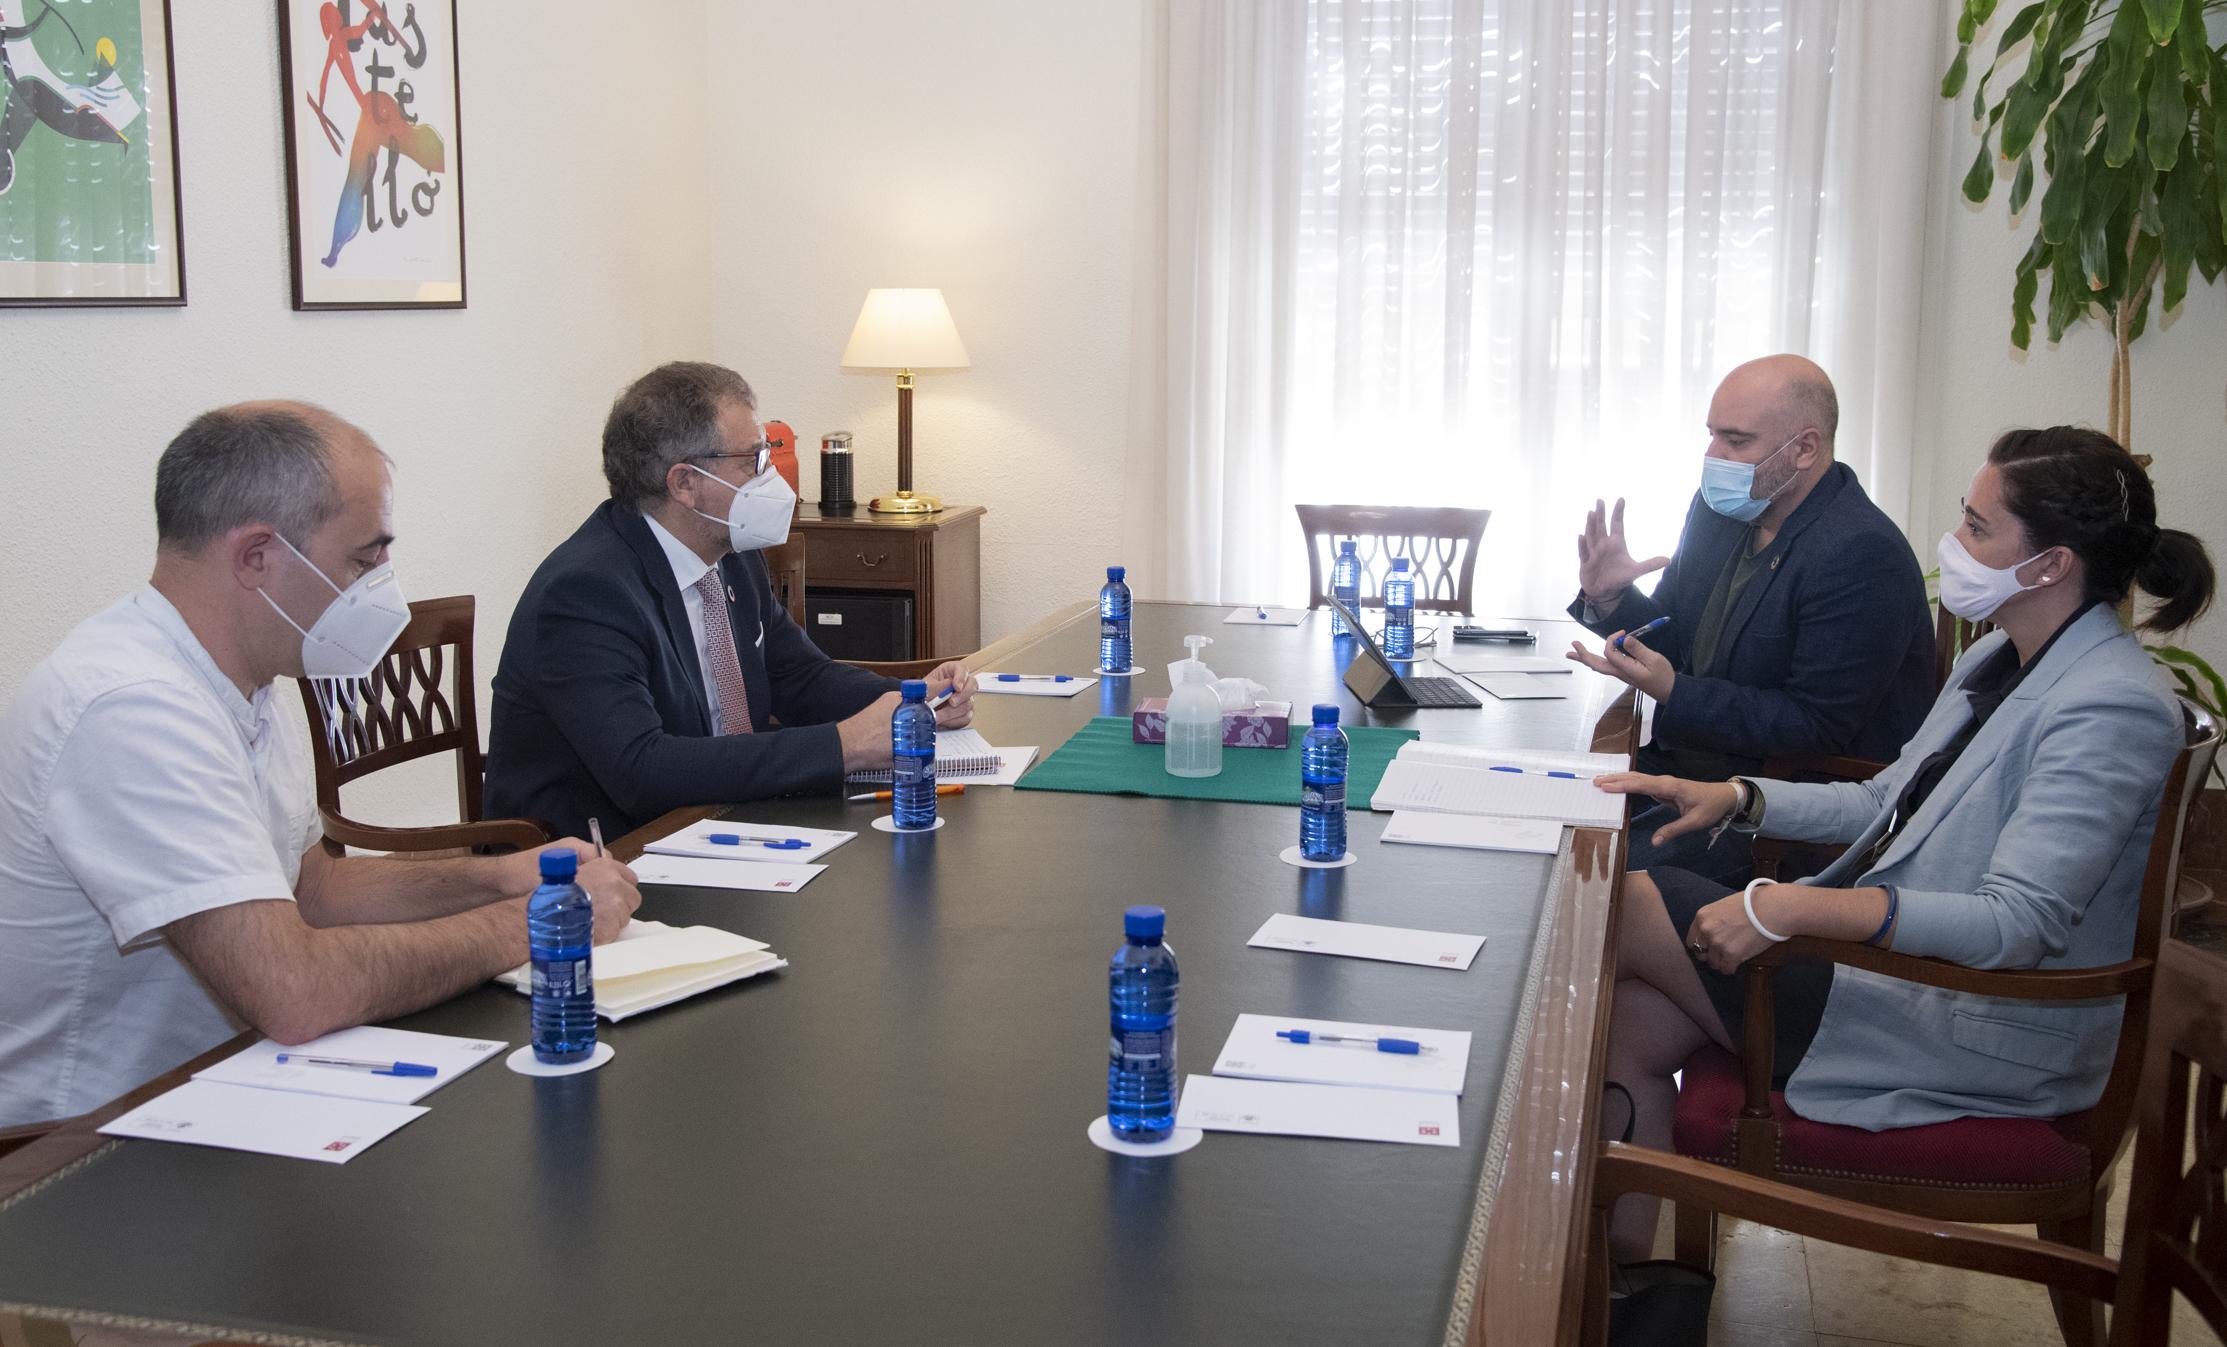 La Diputación de Castellón respalda los proyectos del Consell para fomentar la rehabilitación de vivienda como apoyo para los pueblos de interior